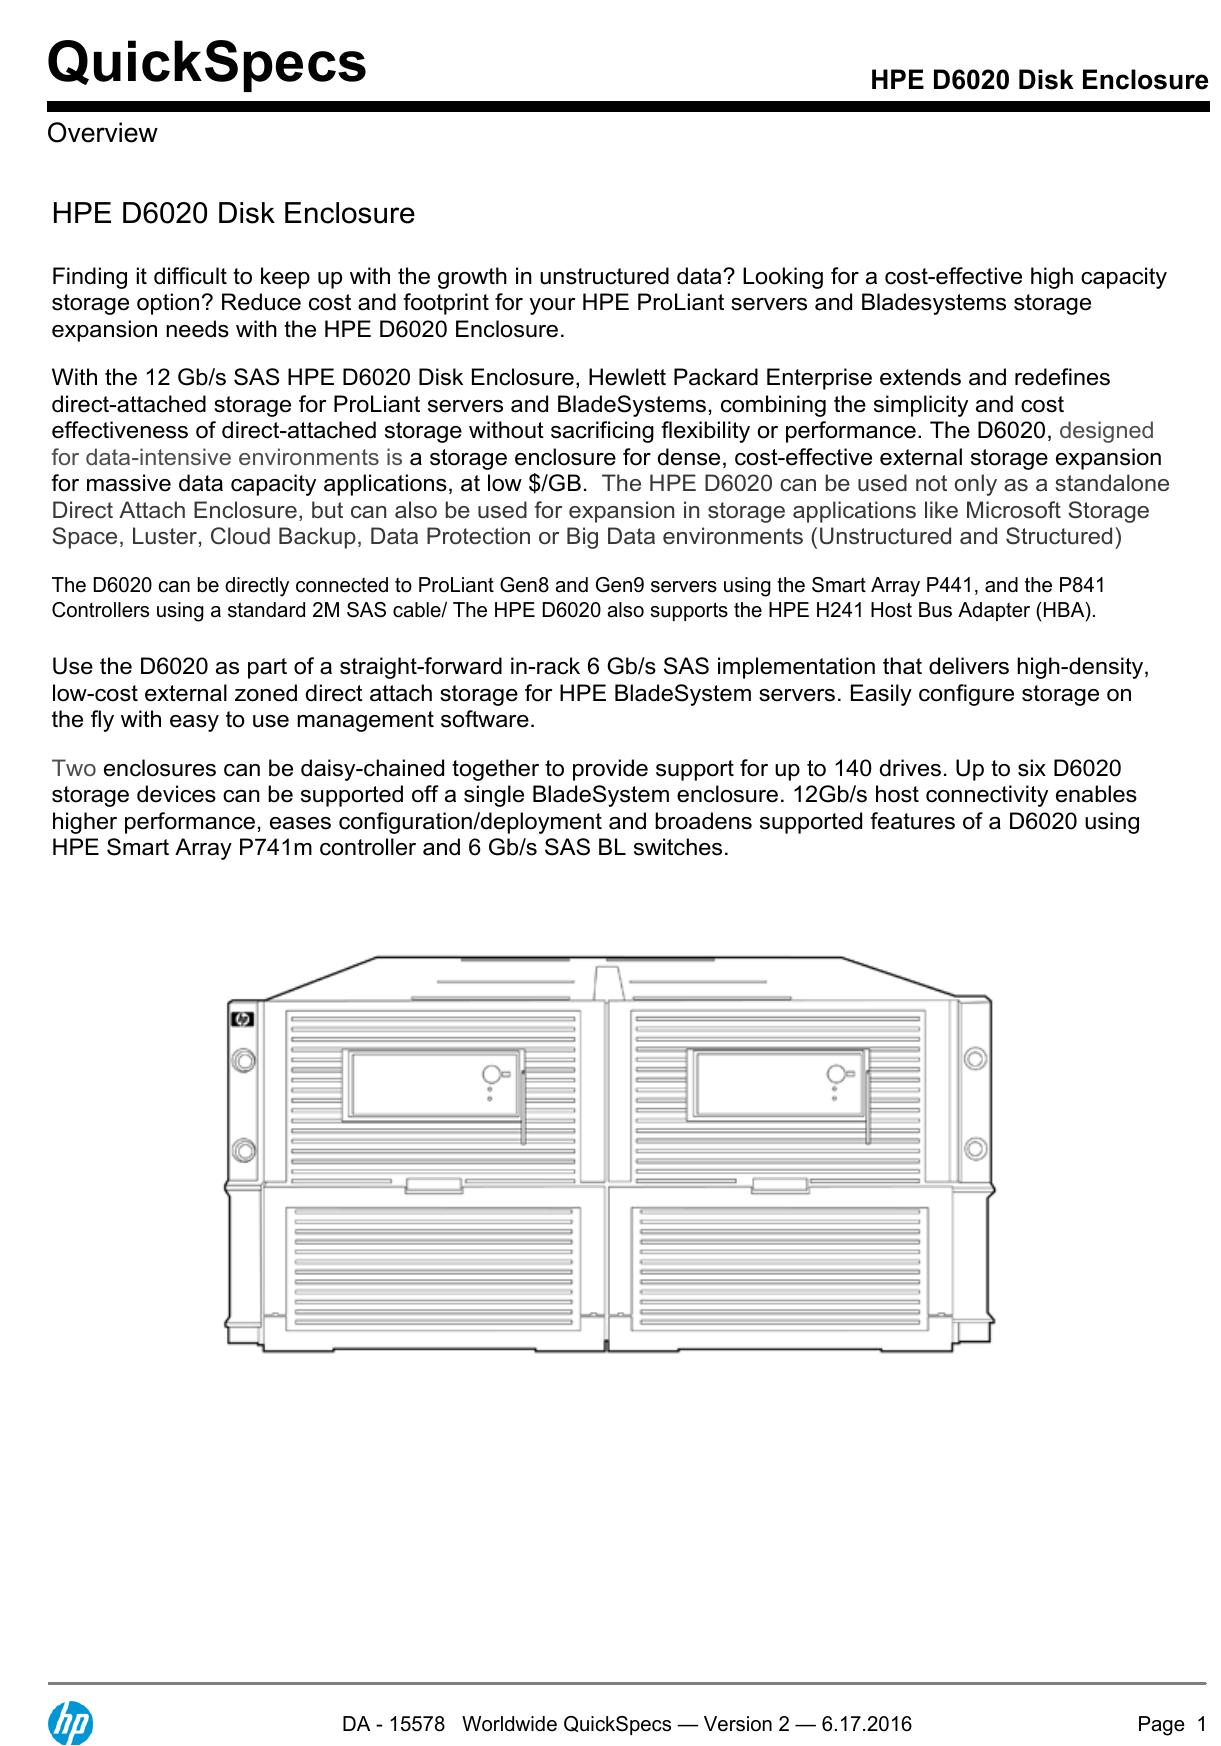 HPE D6020 Disk Enclosure | manualzz com